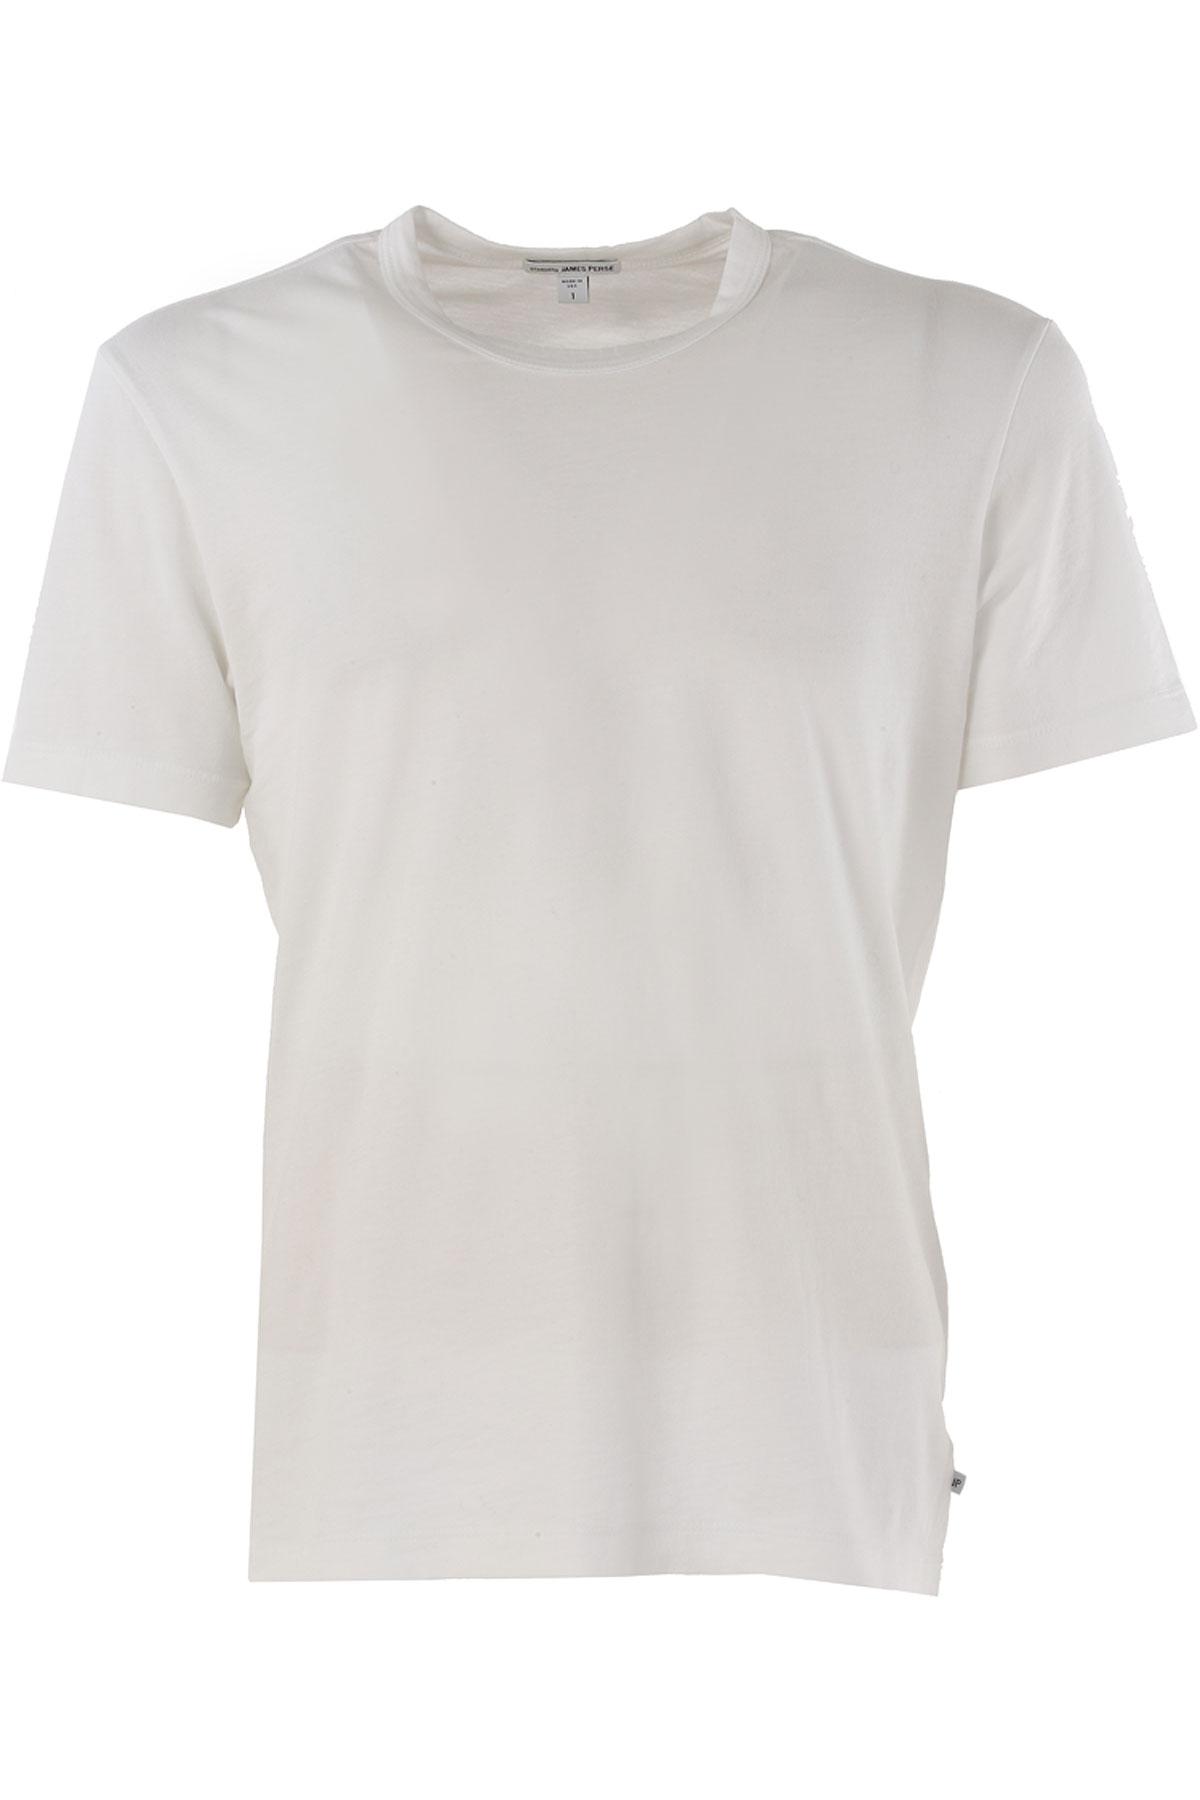 Image of James Perse T-Shirt for Men On Sale, White, Cotton, 2017, 1 - Uk/Usa S - Ita 46 3 - Uk/Usa L - Ita 50 5 - Uk/Usa XXL - Ita 54